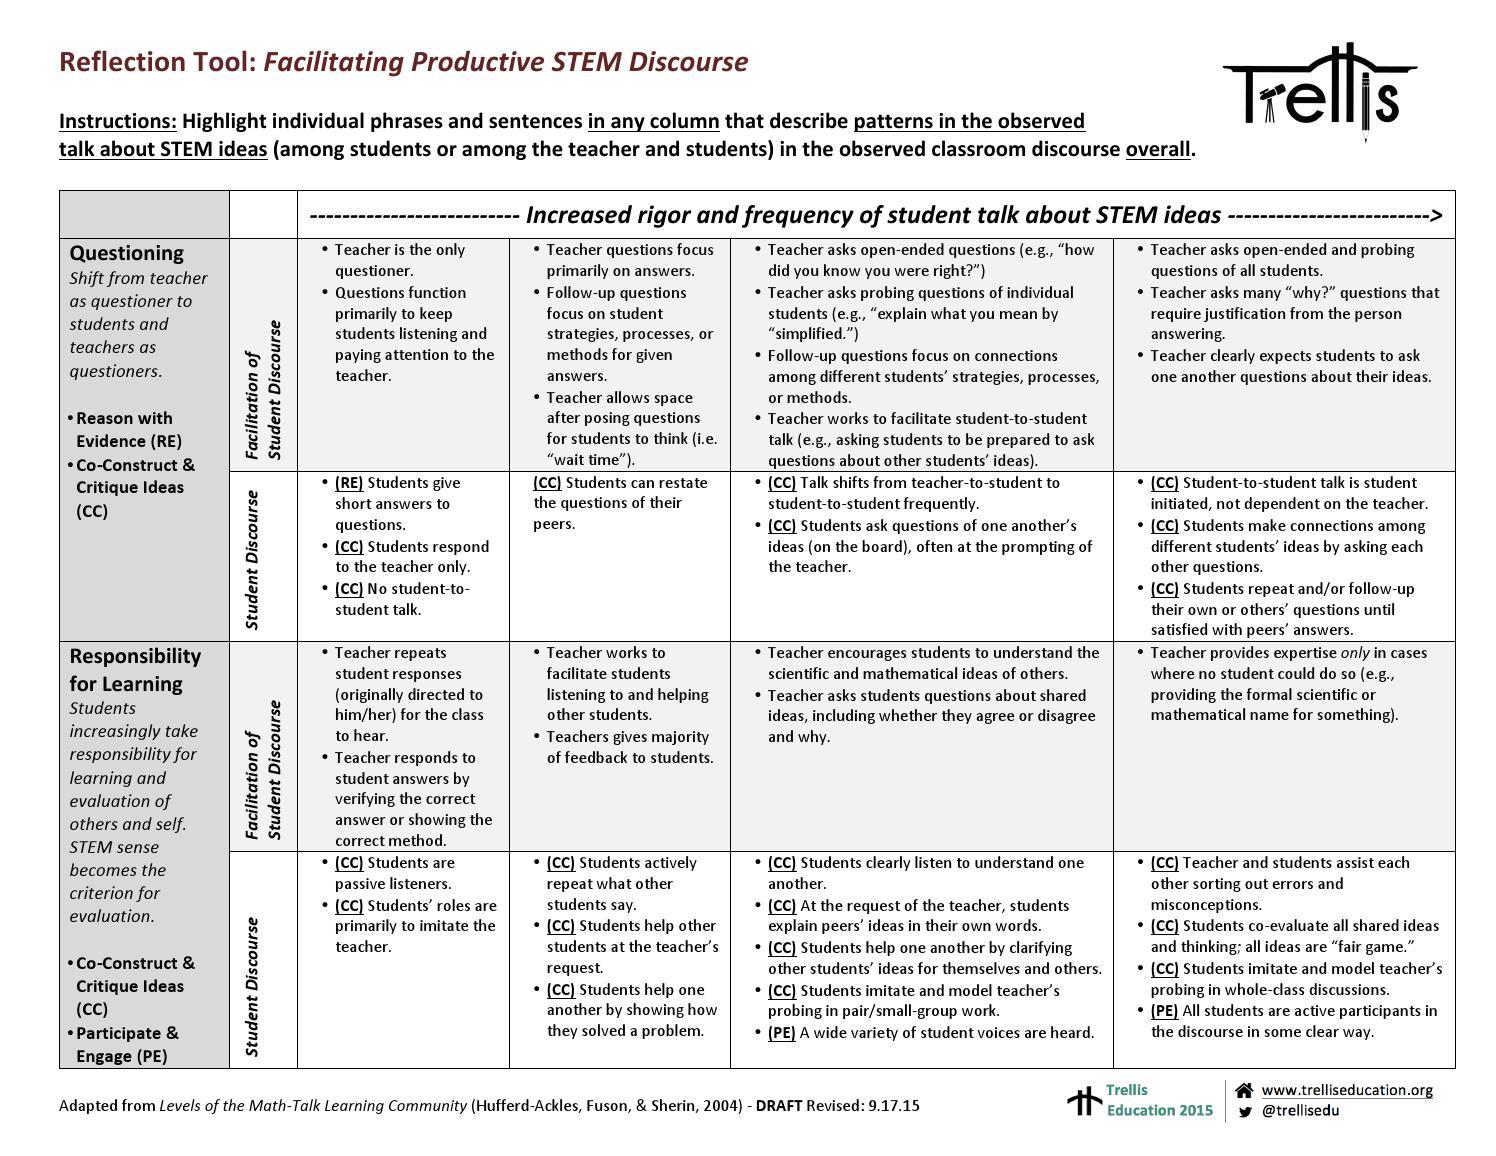 A Research on the Simon Fraser Health Region (SFHR)